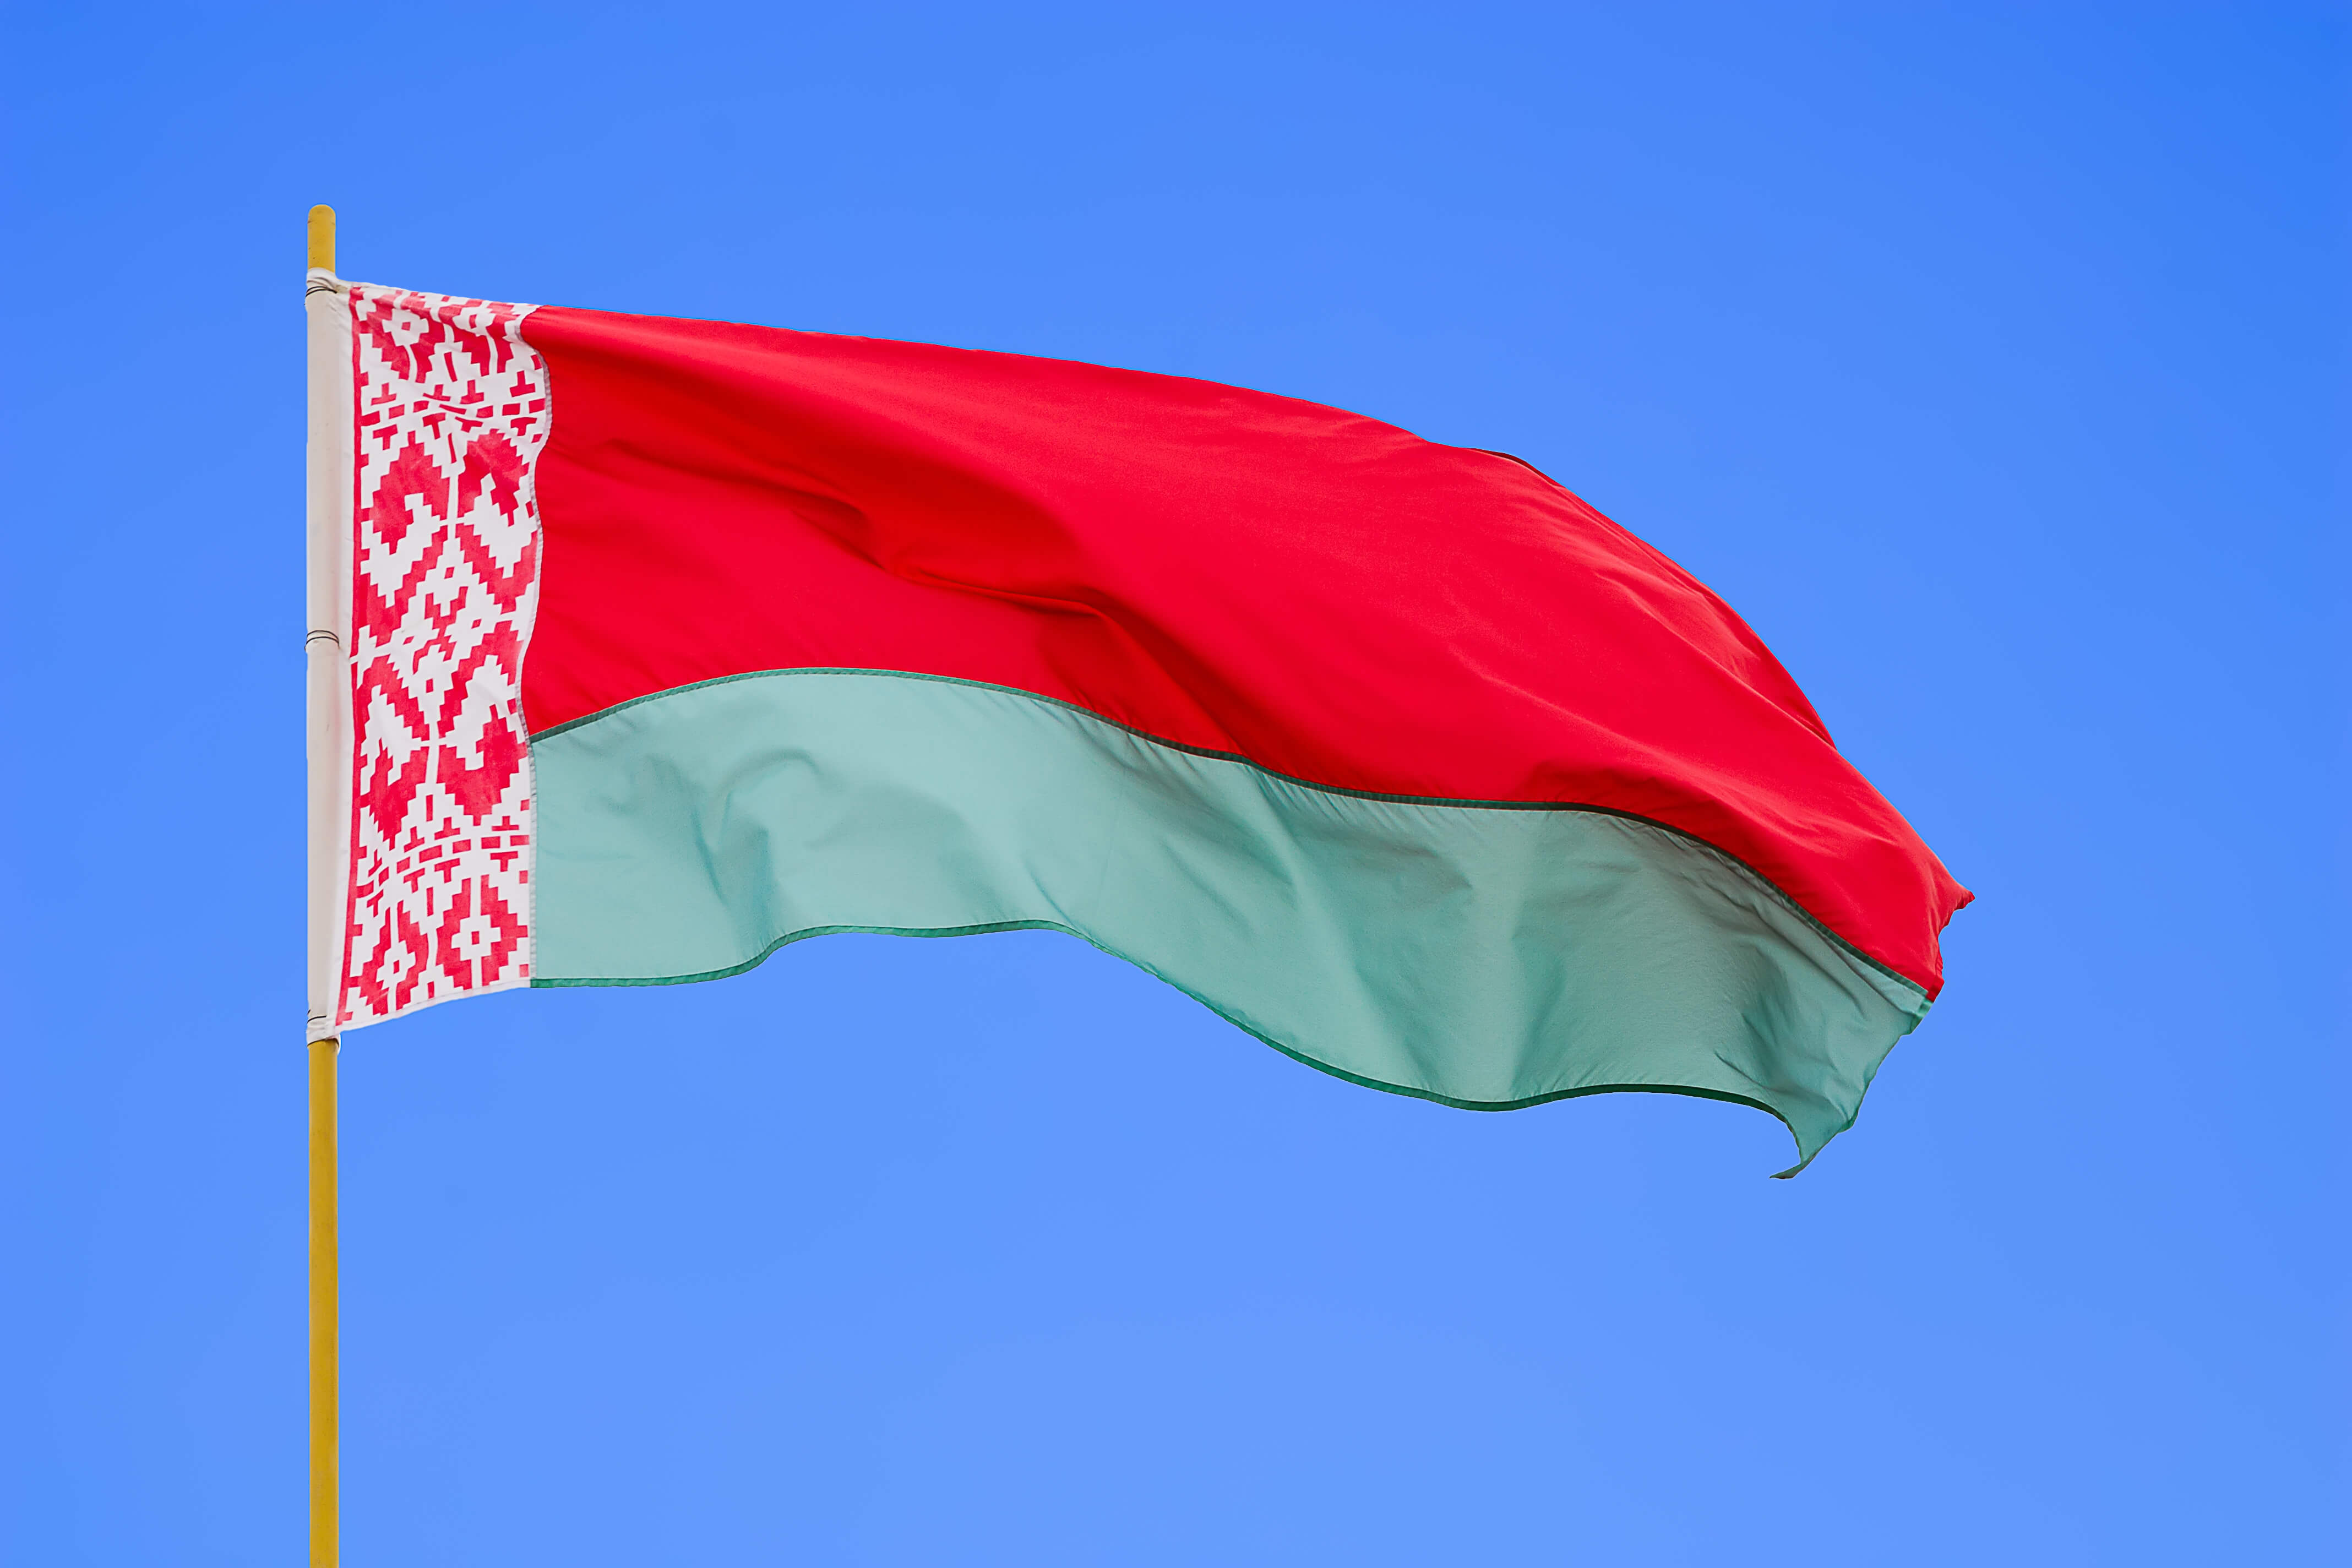 Правозащитники сообщили о задержании на протестах в Беларуси около 250 человек